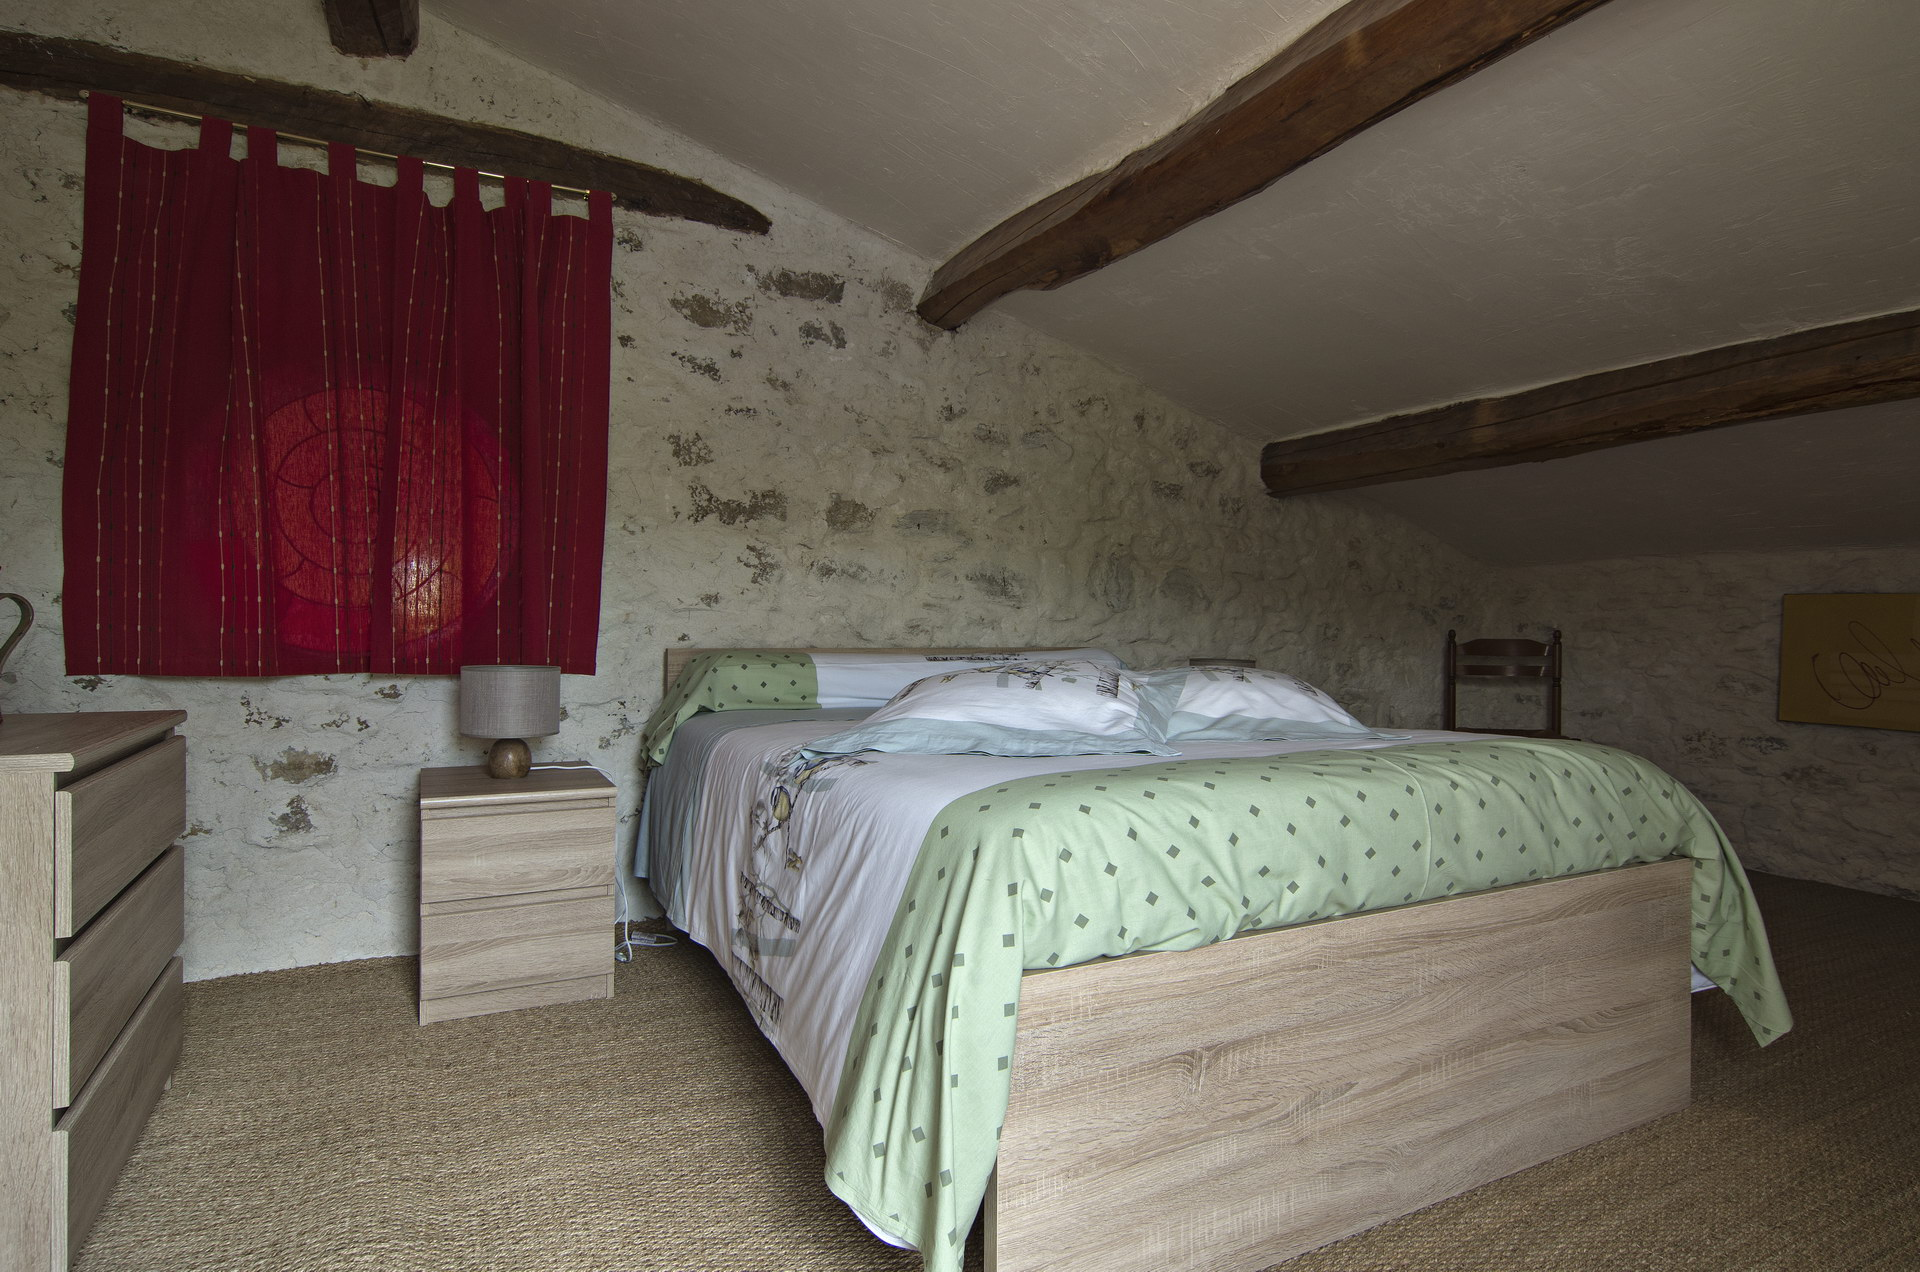 Fontaine Neuve gites et chambres d'hôtes à Lure : la chambre hirondelle pour 2 personnes